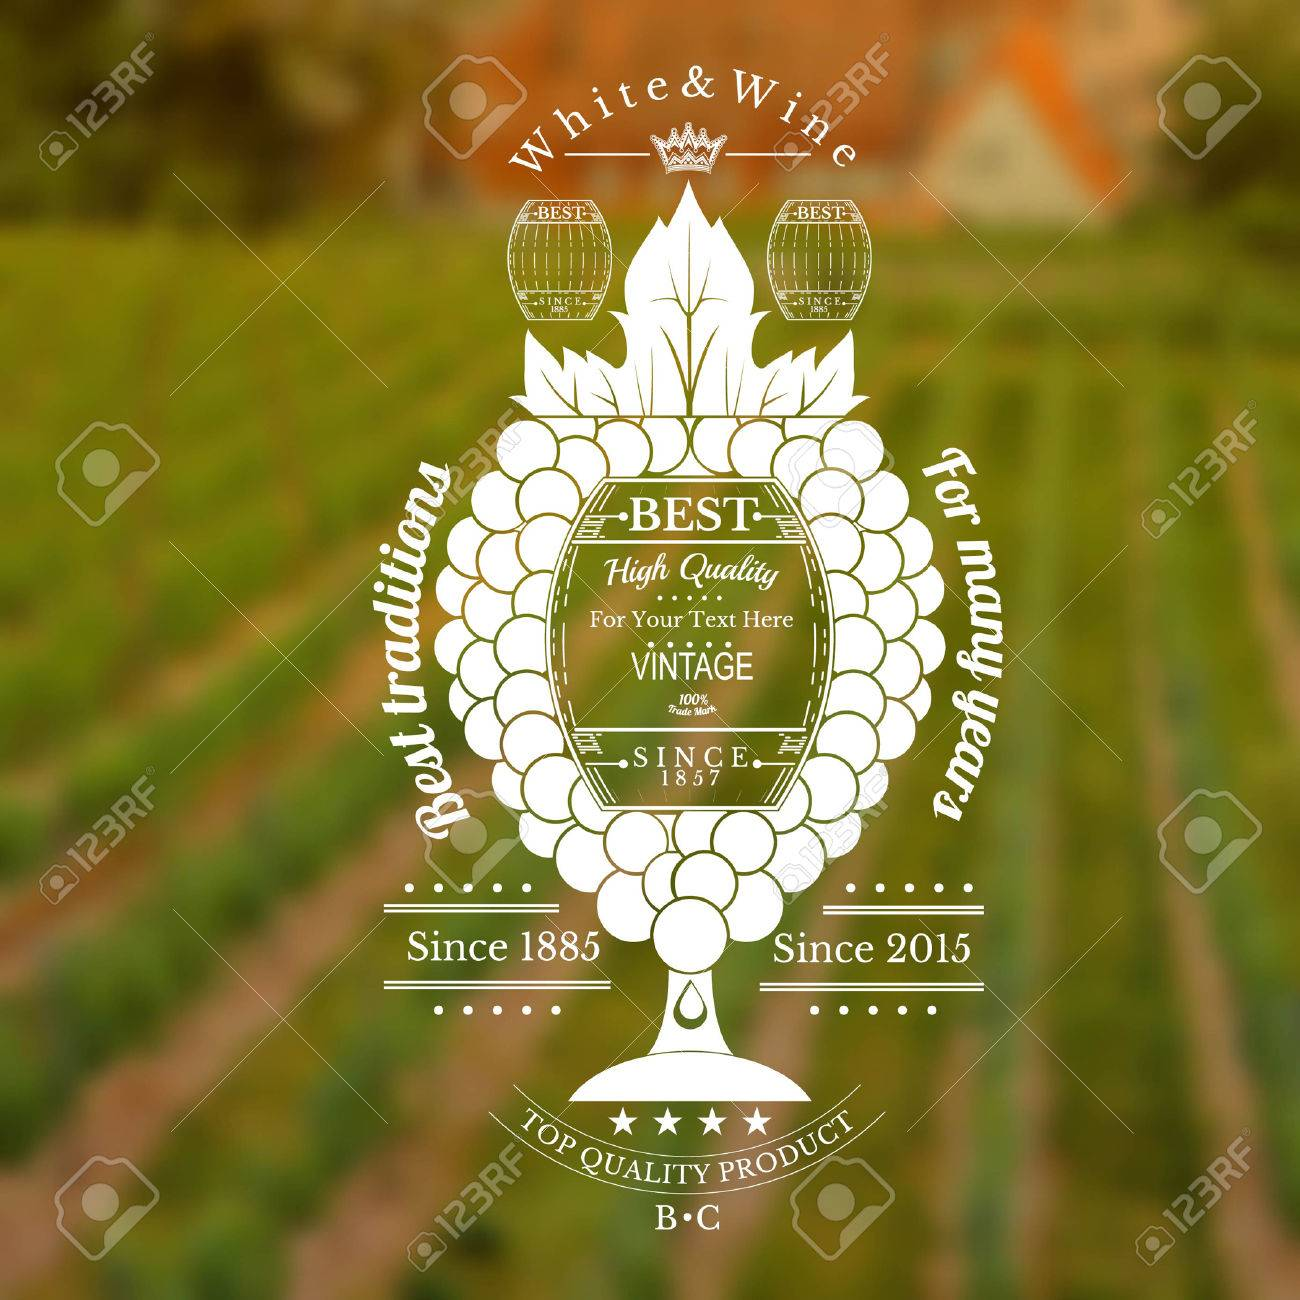 wine label background - Kubre.euforic.co